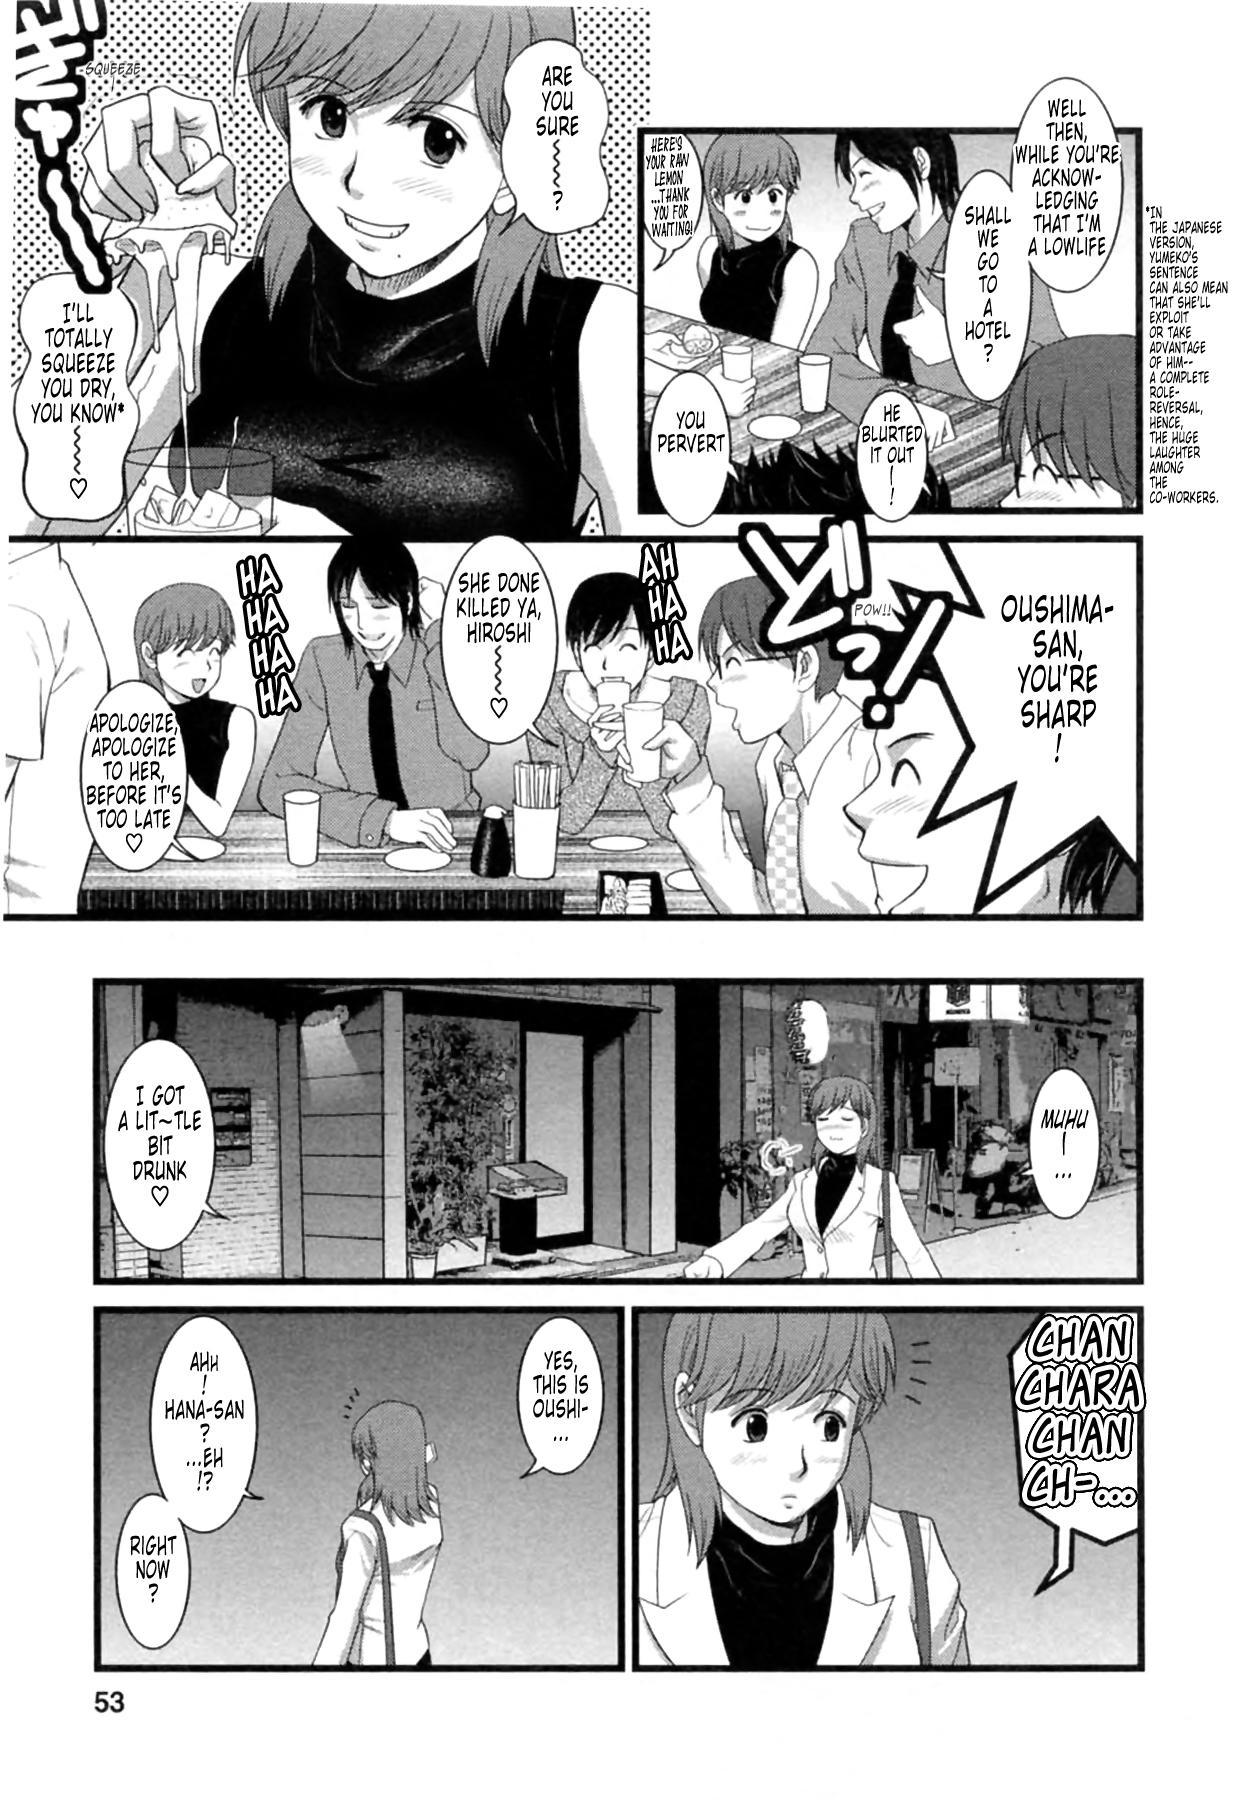 [Saigado] Haken no Muuko-san 2 Ch. 11-15 [English] [Tonigobe] 53